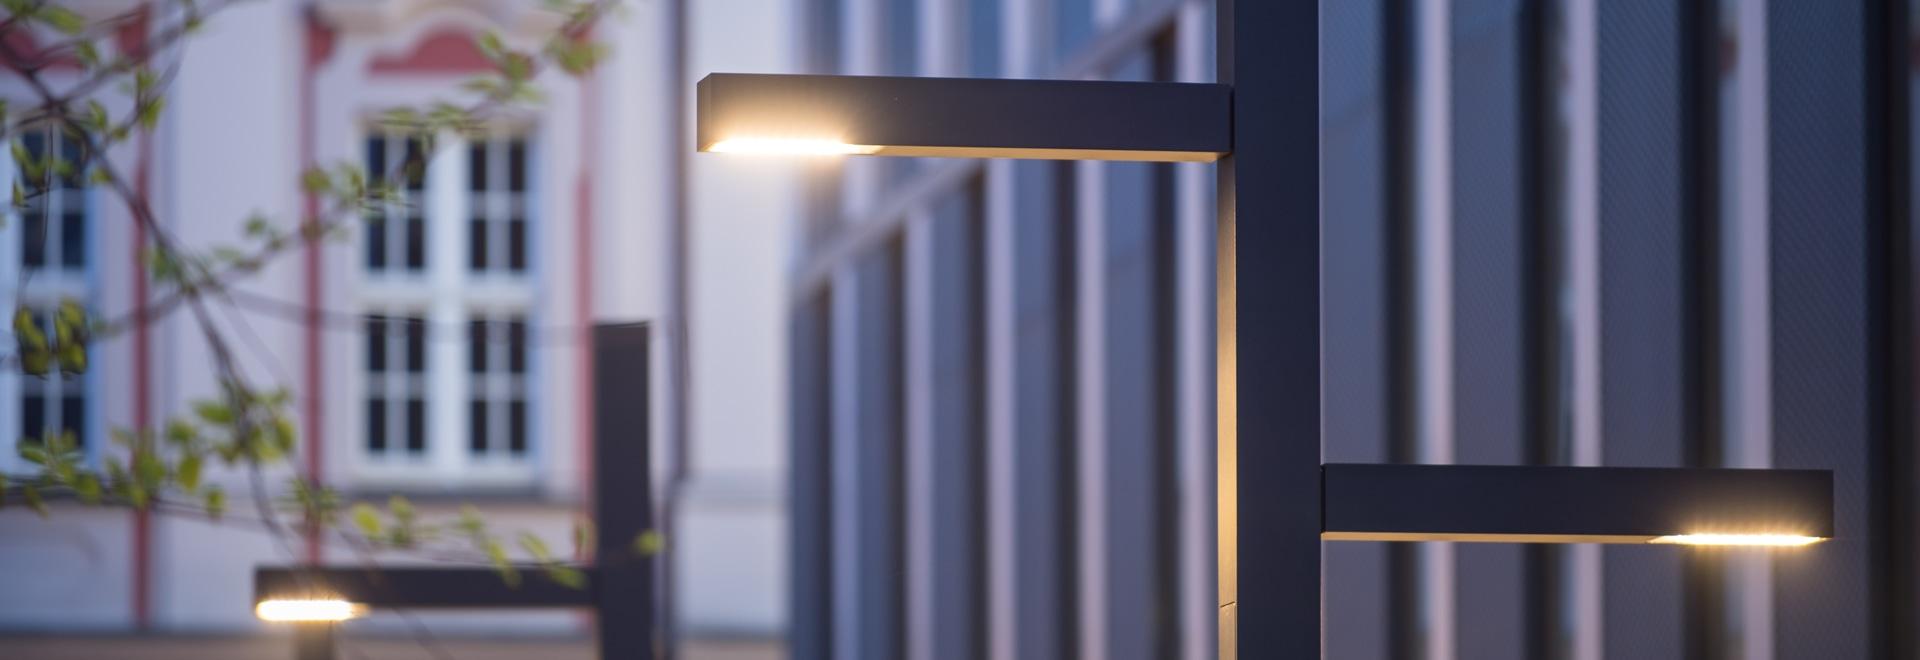 Portal-ArchDaily schrieb über unsere Durchführung die BAUM-Lampe